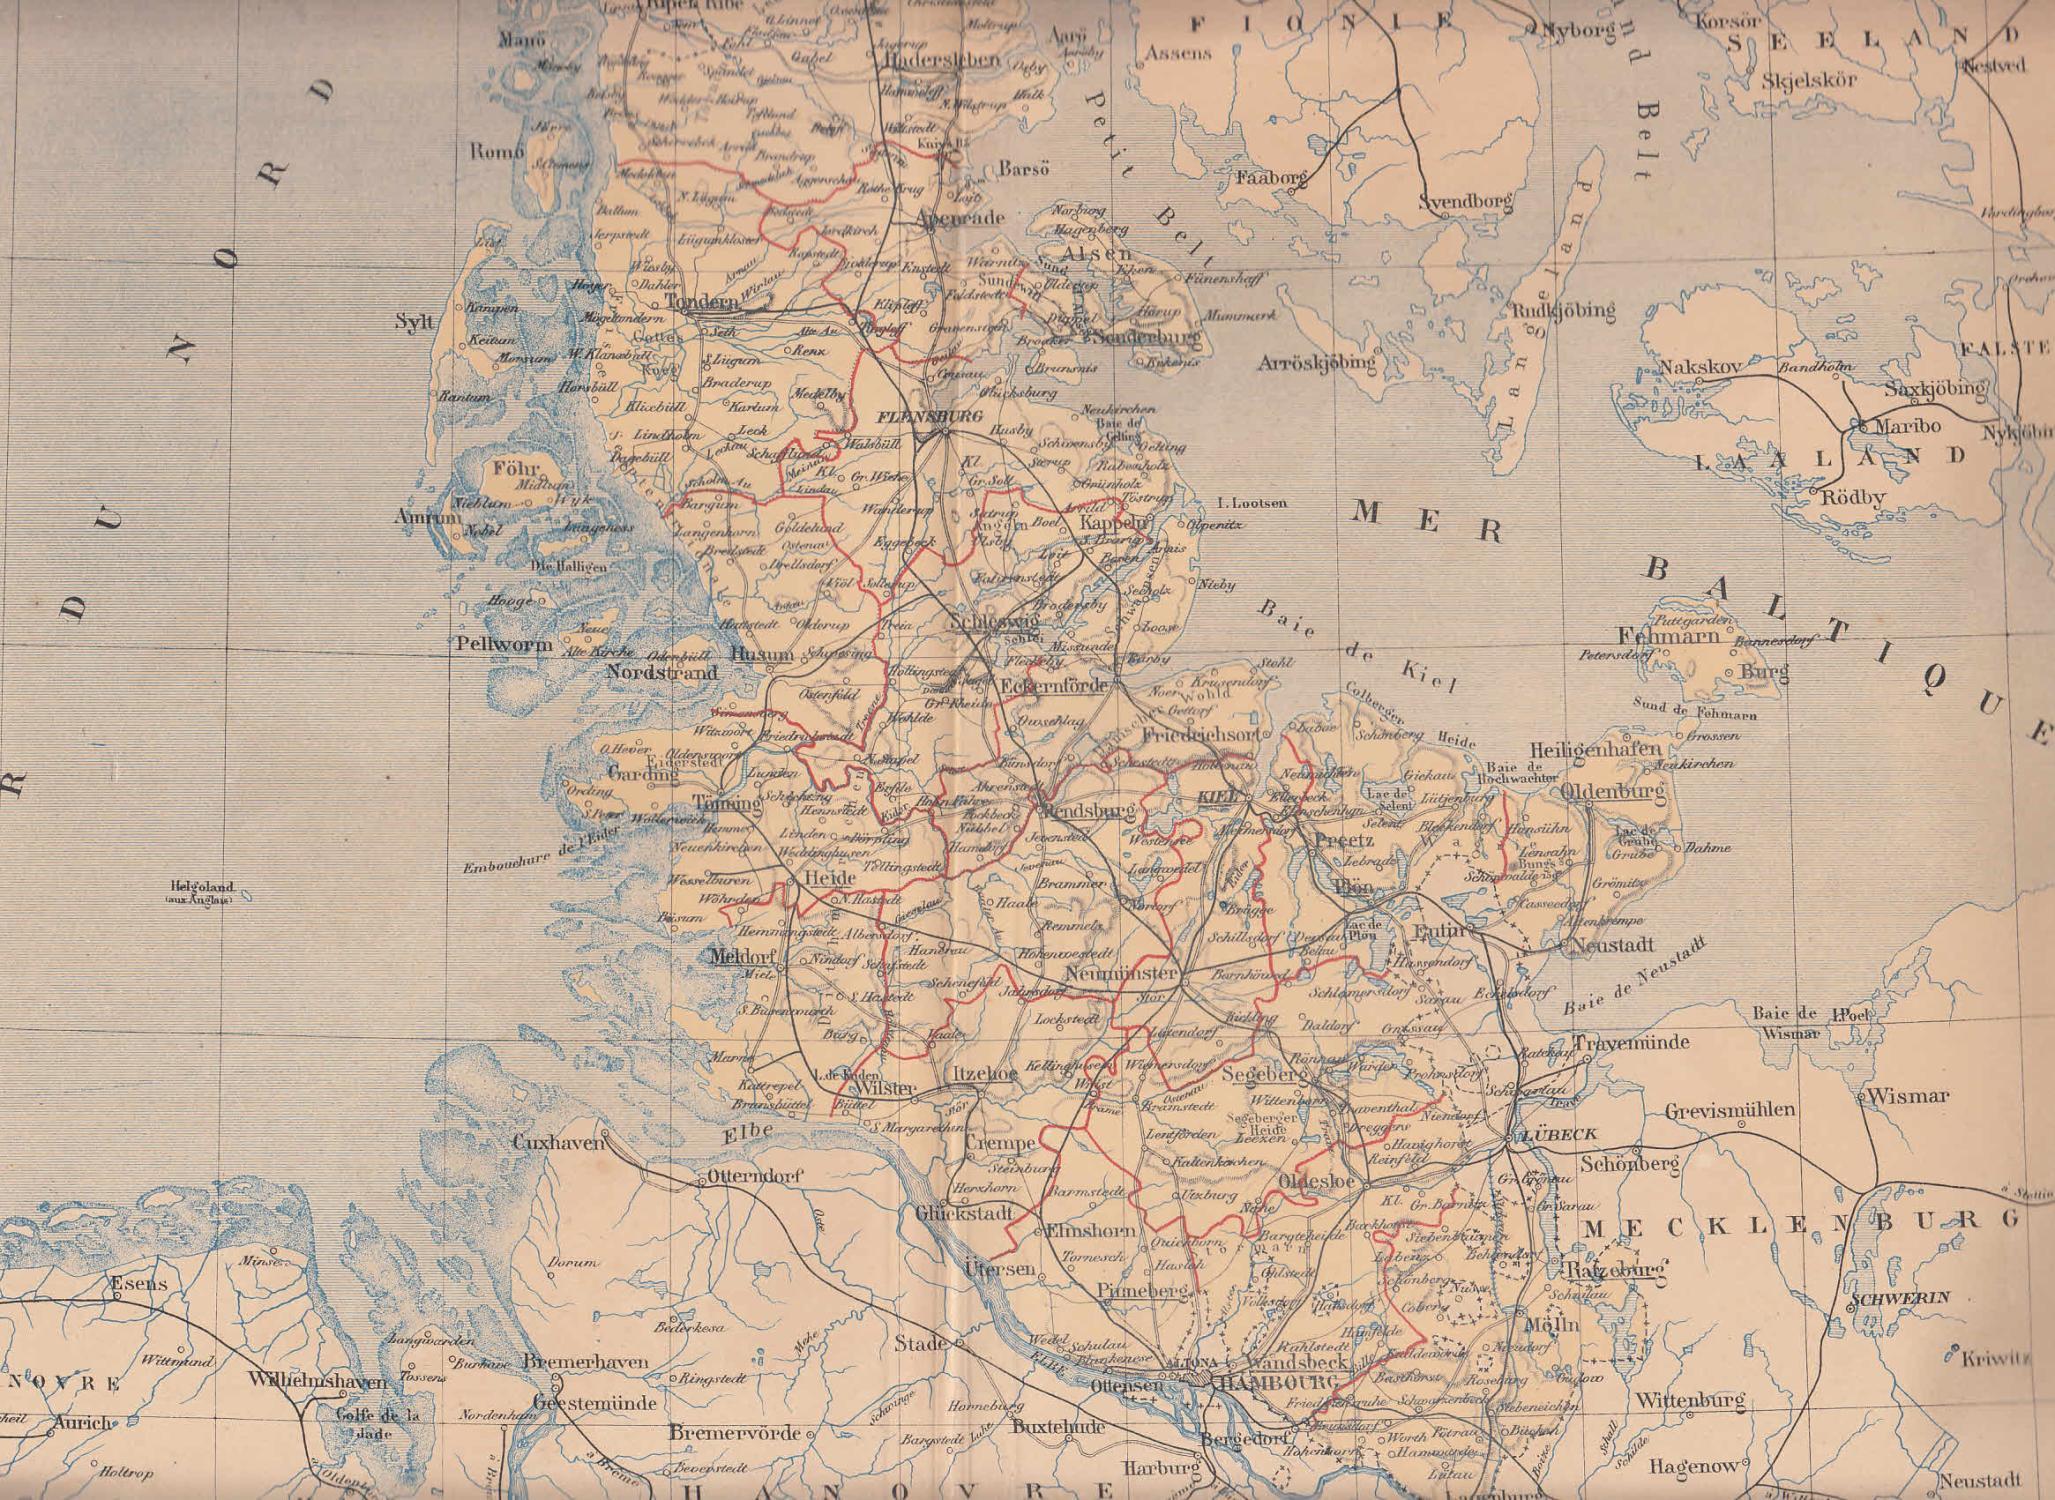 Schleswig Holstein Karte.Karte Schleswig Holstein Von Schleswig Holstein Zvab